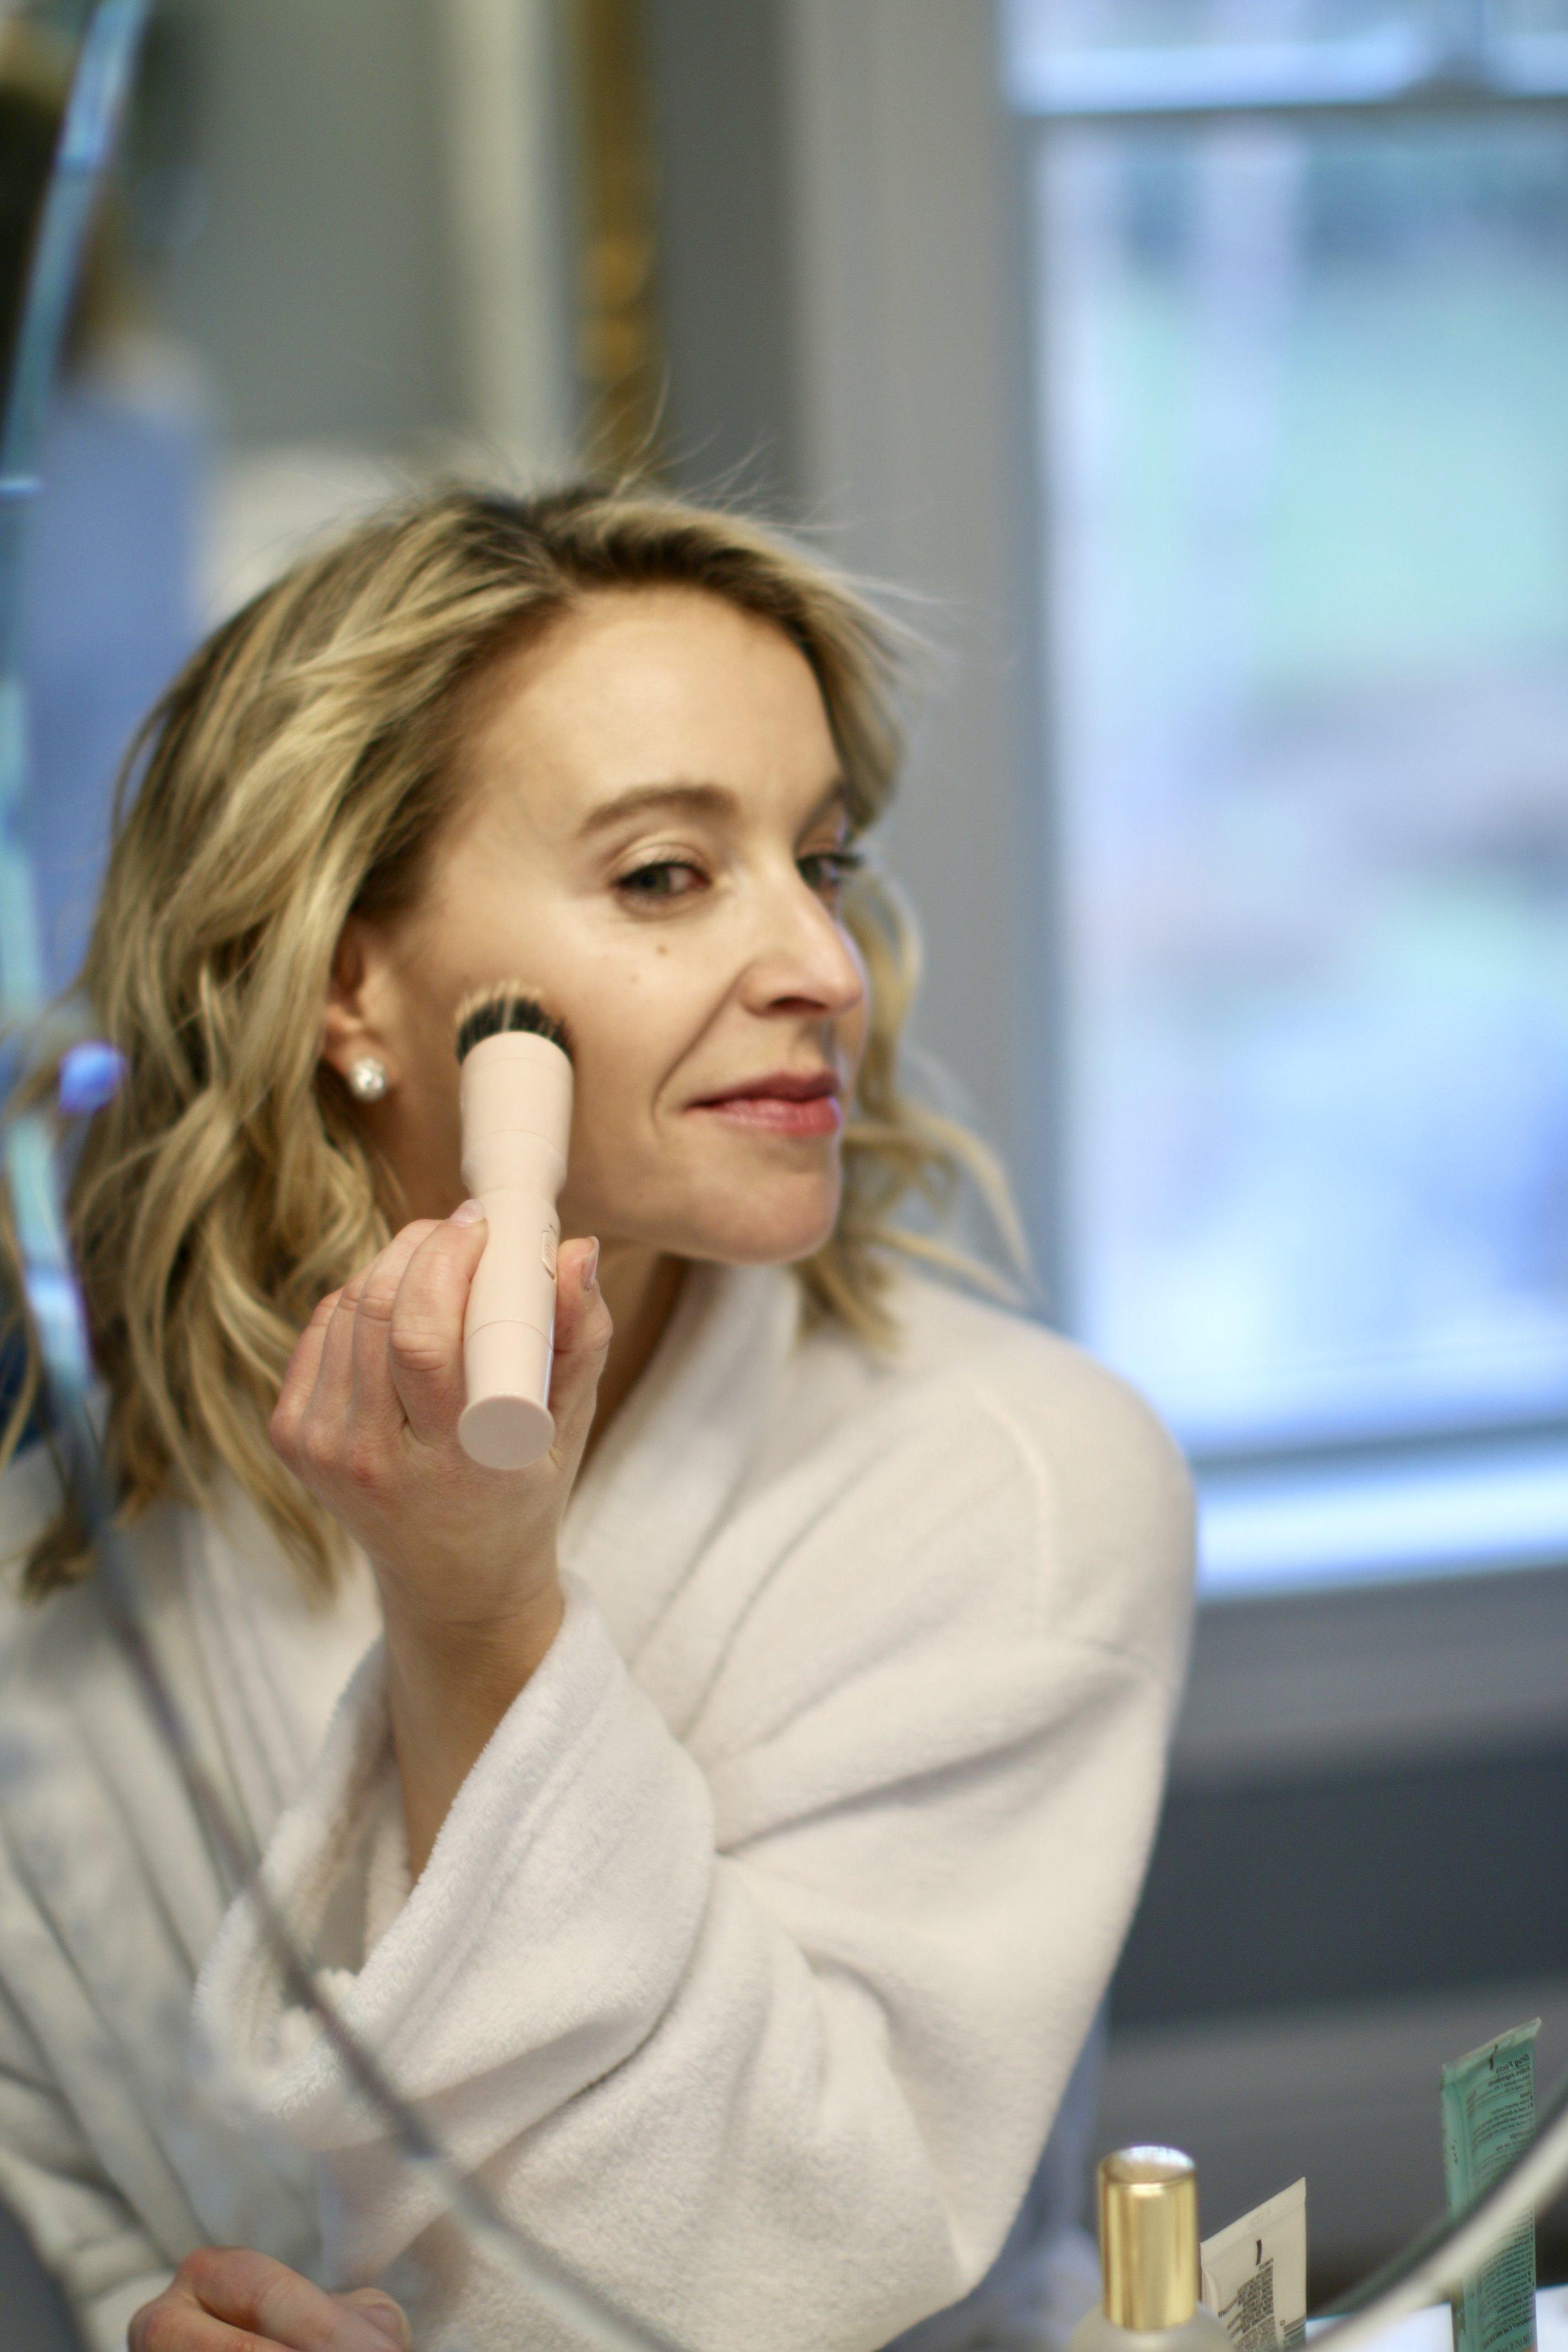 blendsmart-makeup-brush.jpg